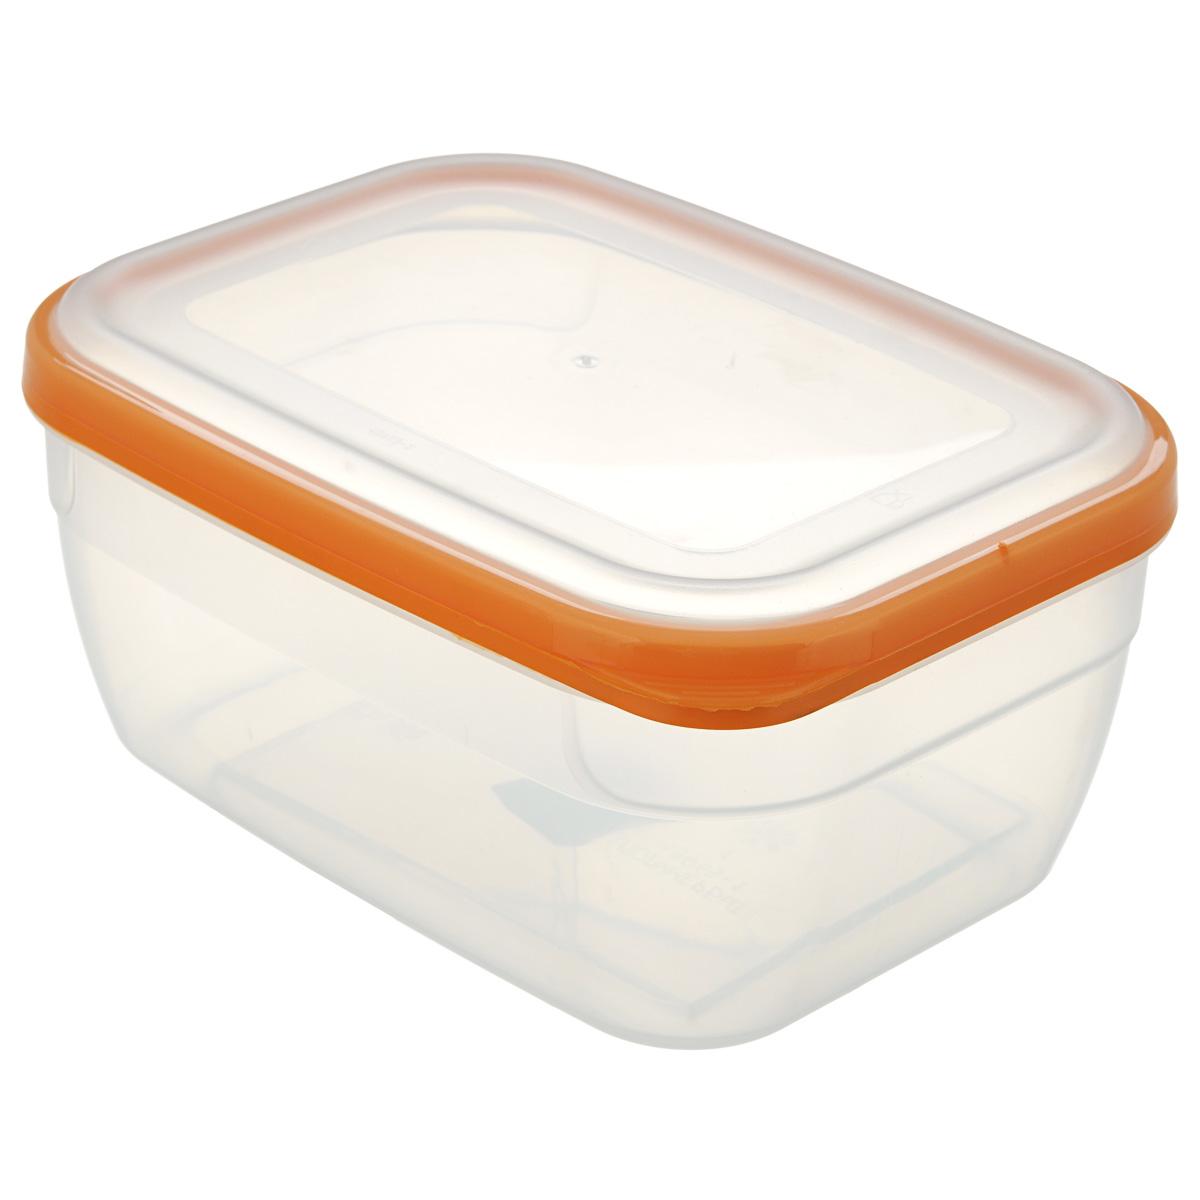 Контейнер для СВЧ Премиум, цвет: оранжевый, 1,8 лС564Пищевой контейнер предназначен специально для хранения пищевых продуктов. Крышка легко открывается и плотно закрывается. Устойчив к воздействию масел и жиров, легко моется. Прозрачные стенки позволяют видеть содержимое. Емкость имеет возможность хранения продуктов глубокой заморозки, обладает высокой прочностью. Контейнер необыкновенно удобен: в нем можно брать еду на работу, за город, ребенку в школу. Именно поэтому подобные контейнеры обретают все большую популярность. Размер: 20 см х 14,5 см х 9 см.